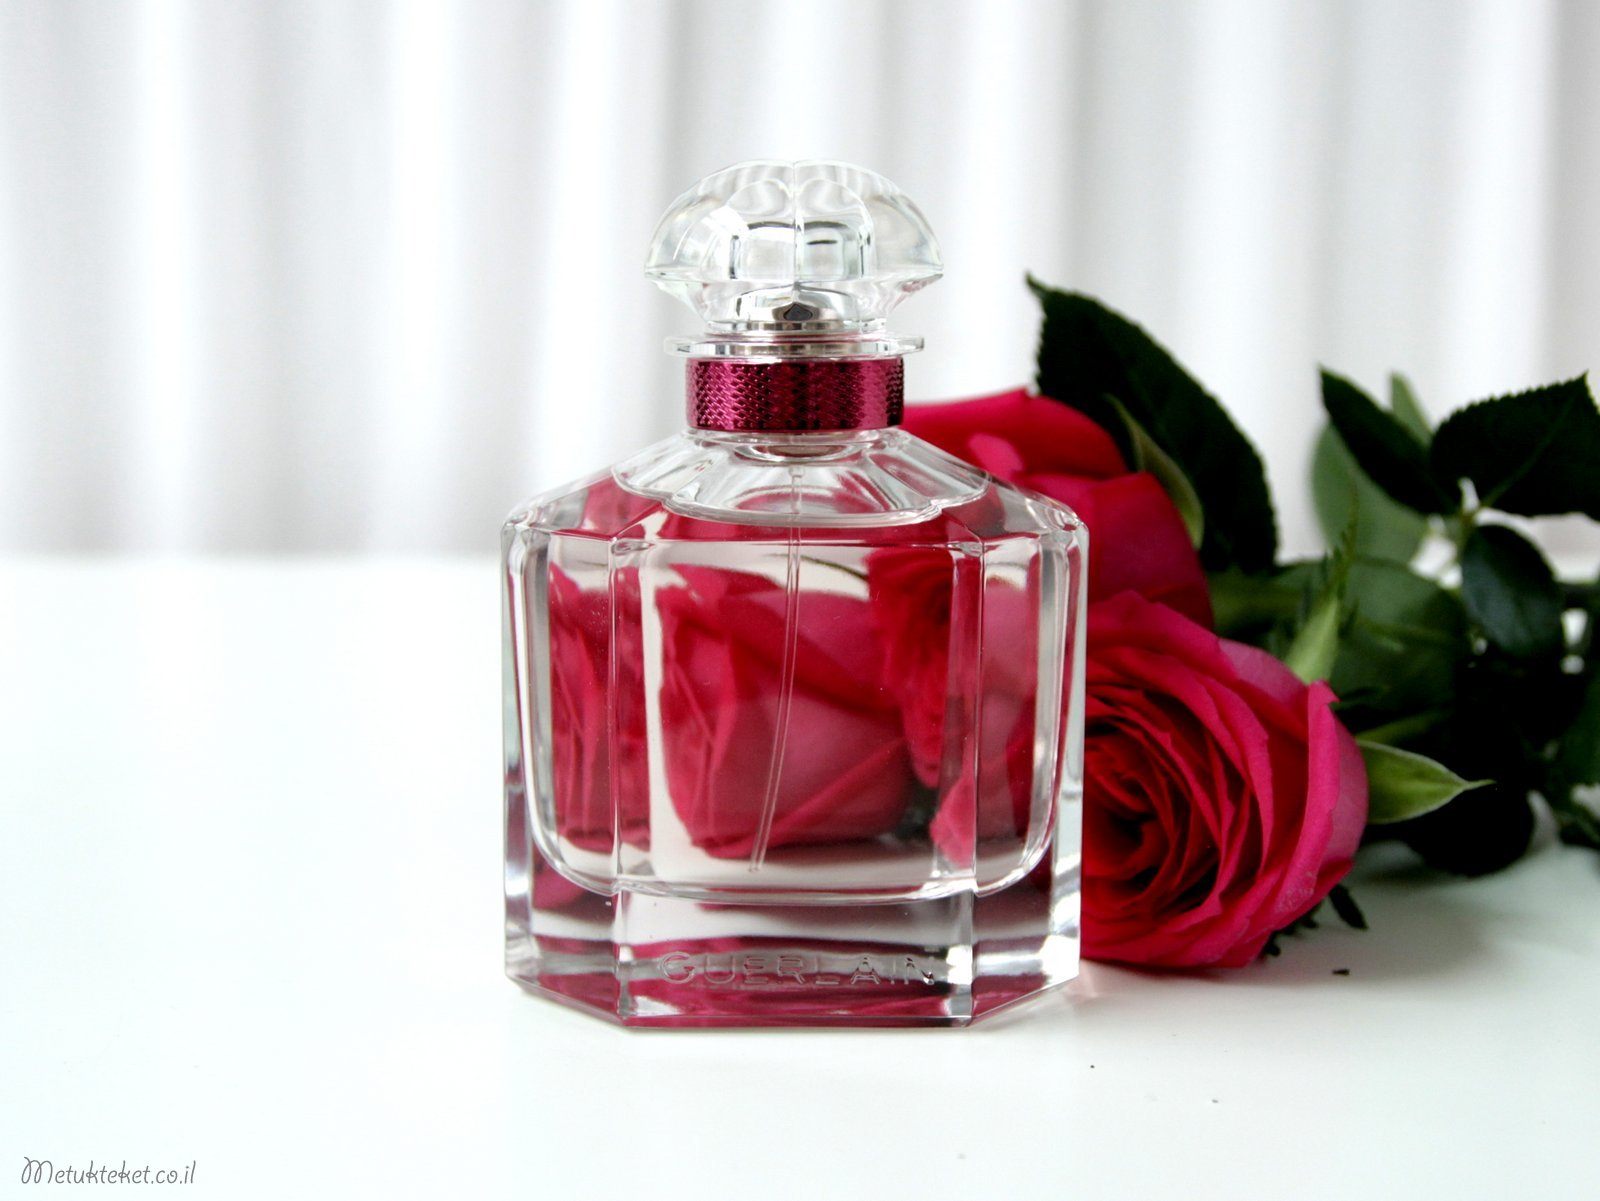 גרלן, בושם, מון גרלן, ביקורת, סקירה, Guerlain, Mon Guerlain Bloom Of Rose